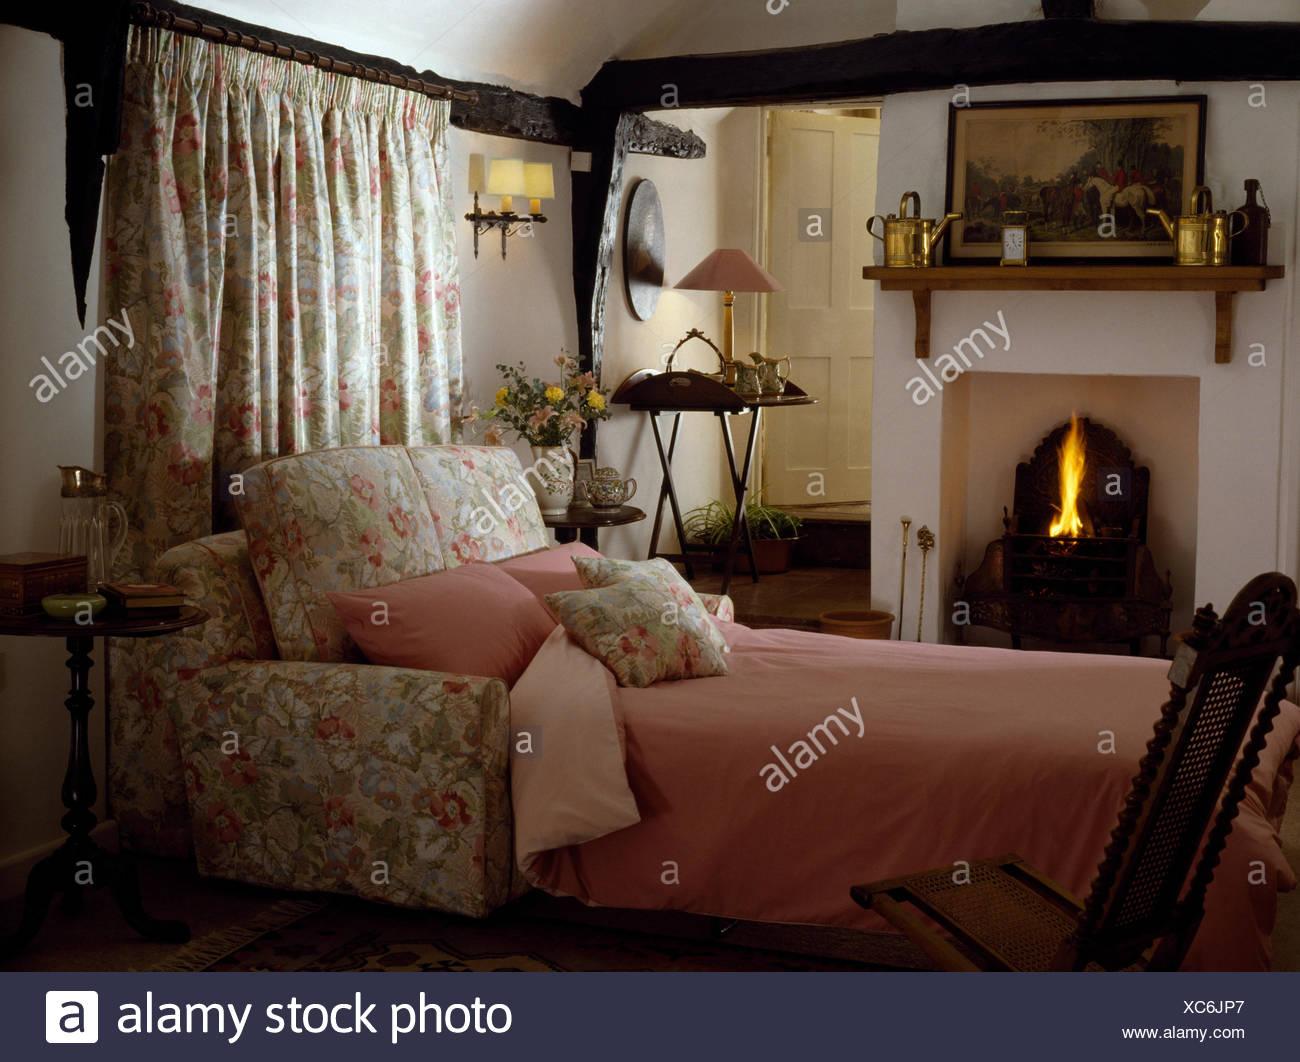 Camere Con Divano Letto : Tendaggi floreali dietro il divano letto con coperchio rosa negli